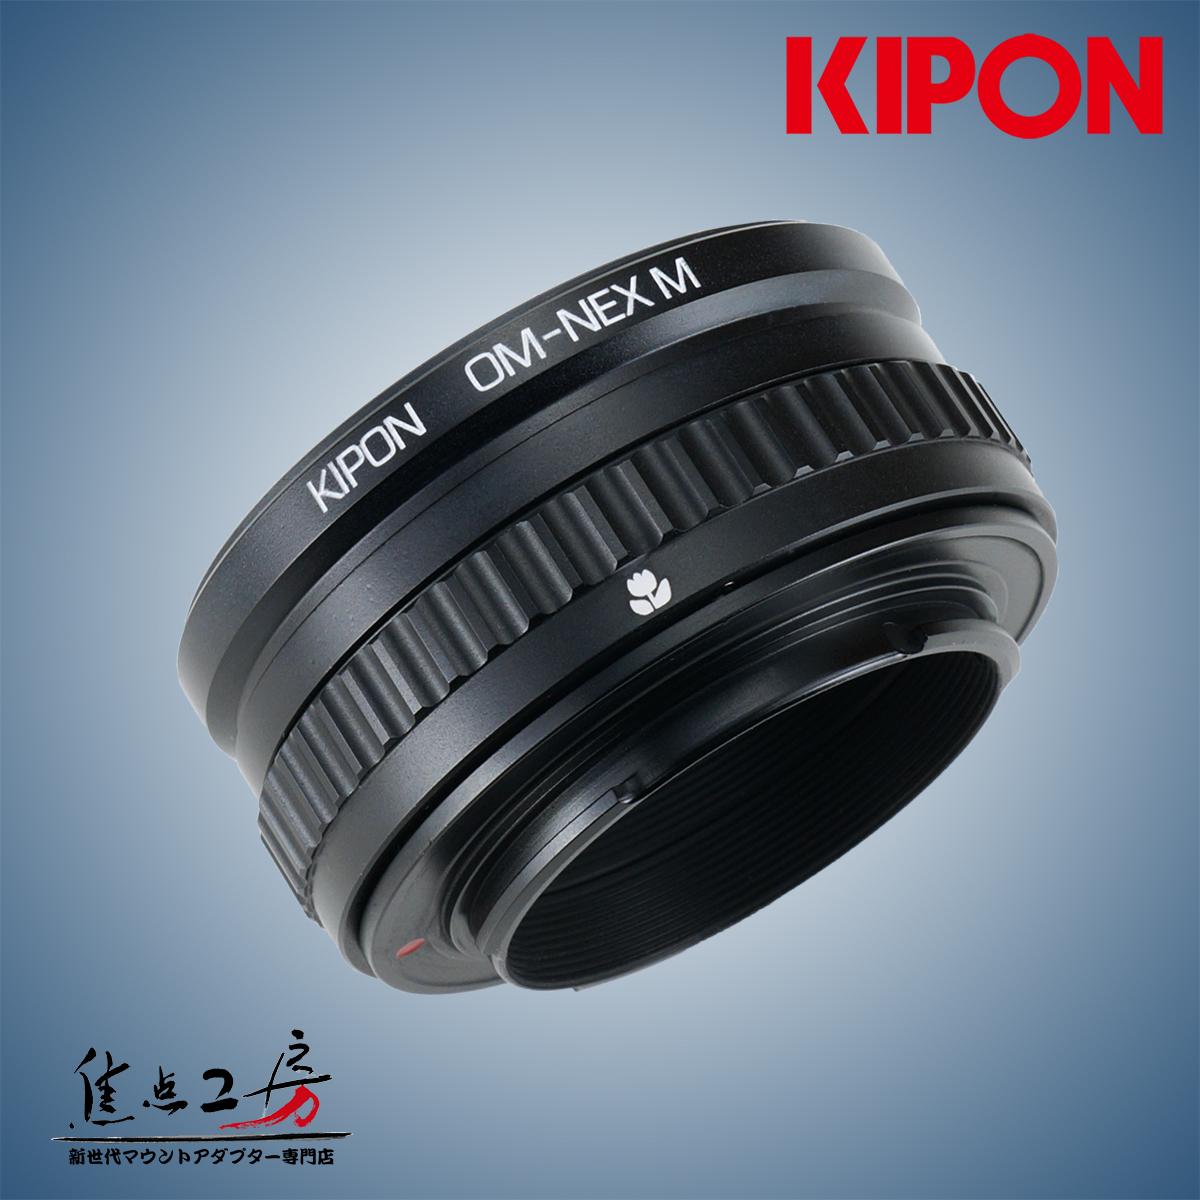 マウントアダプター KIPON OM-S/E M (OM-NEX M) オリンパスOMマウントレンズ - ソニーNEX/α.Eマウントカメラ マクロ/ヘリコイド付き